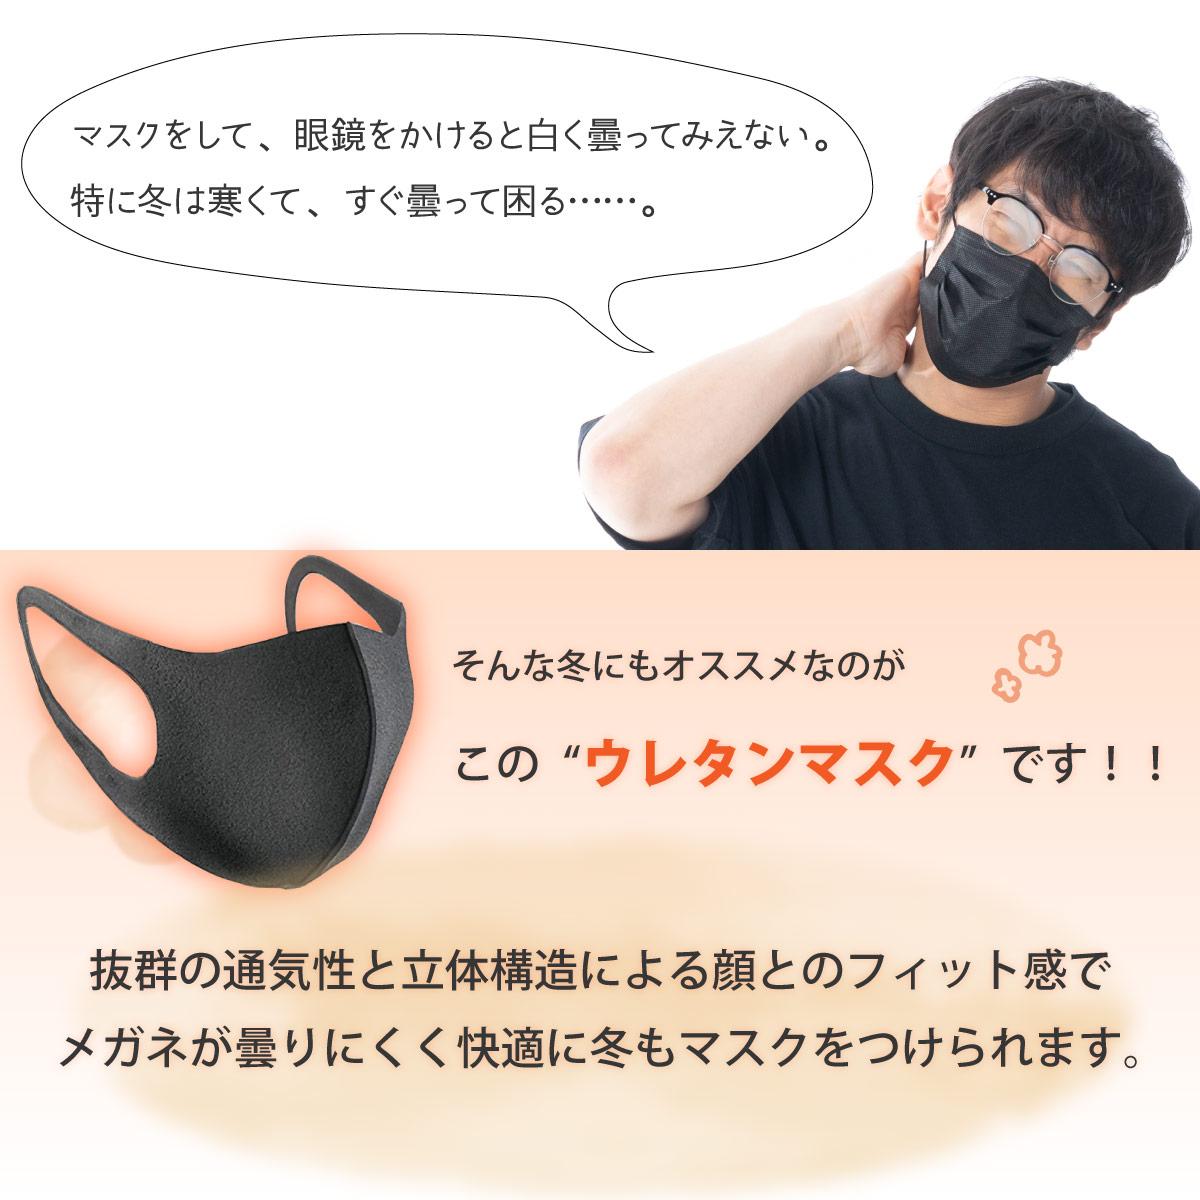 ウレタン マスク 意味 ない